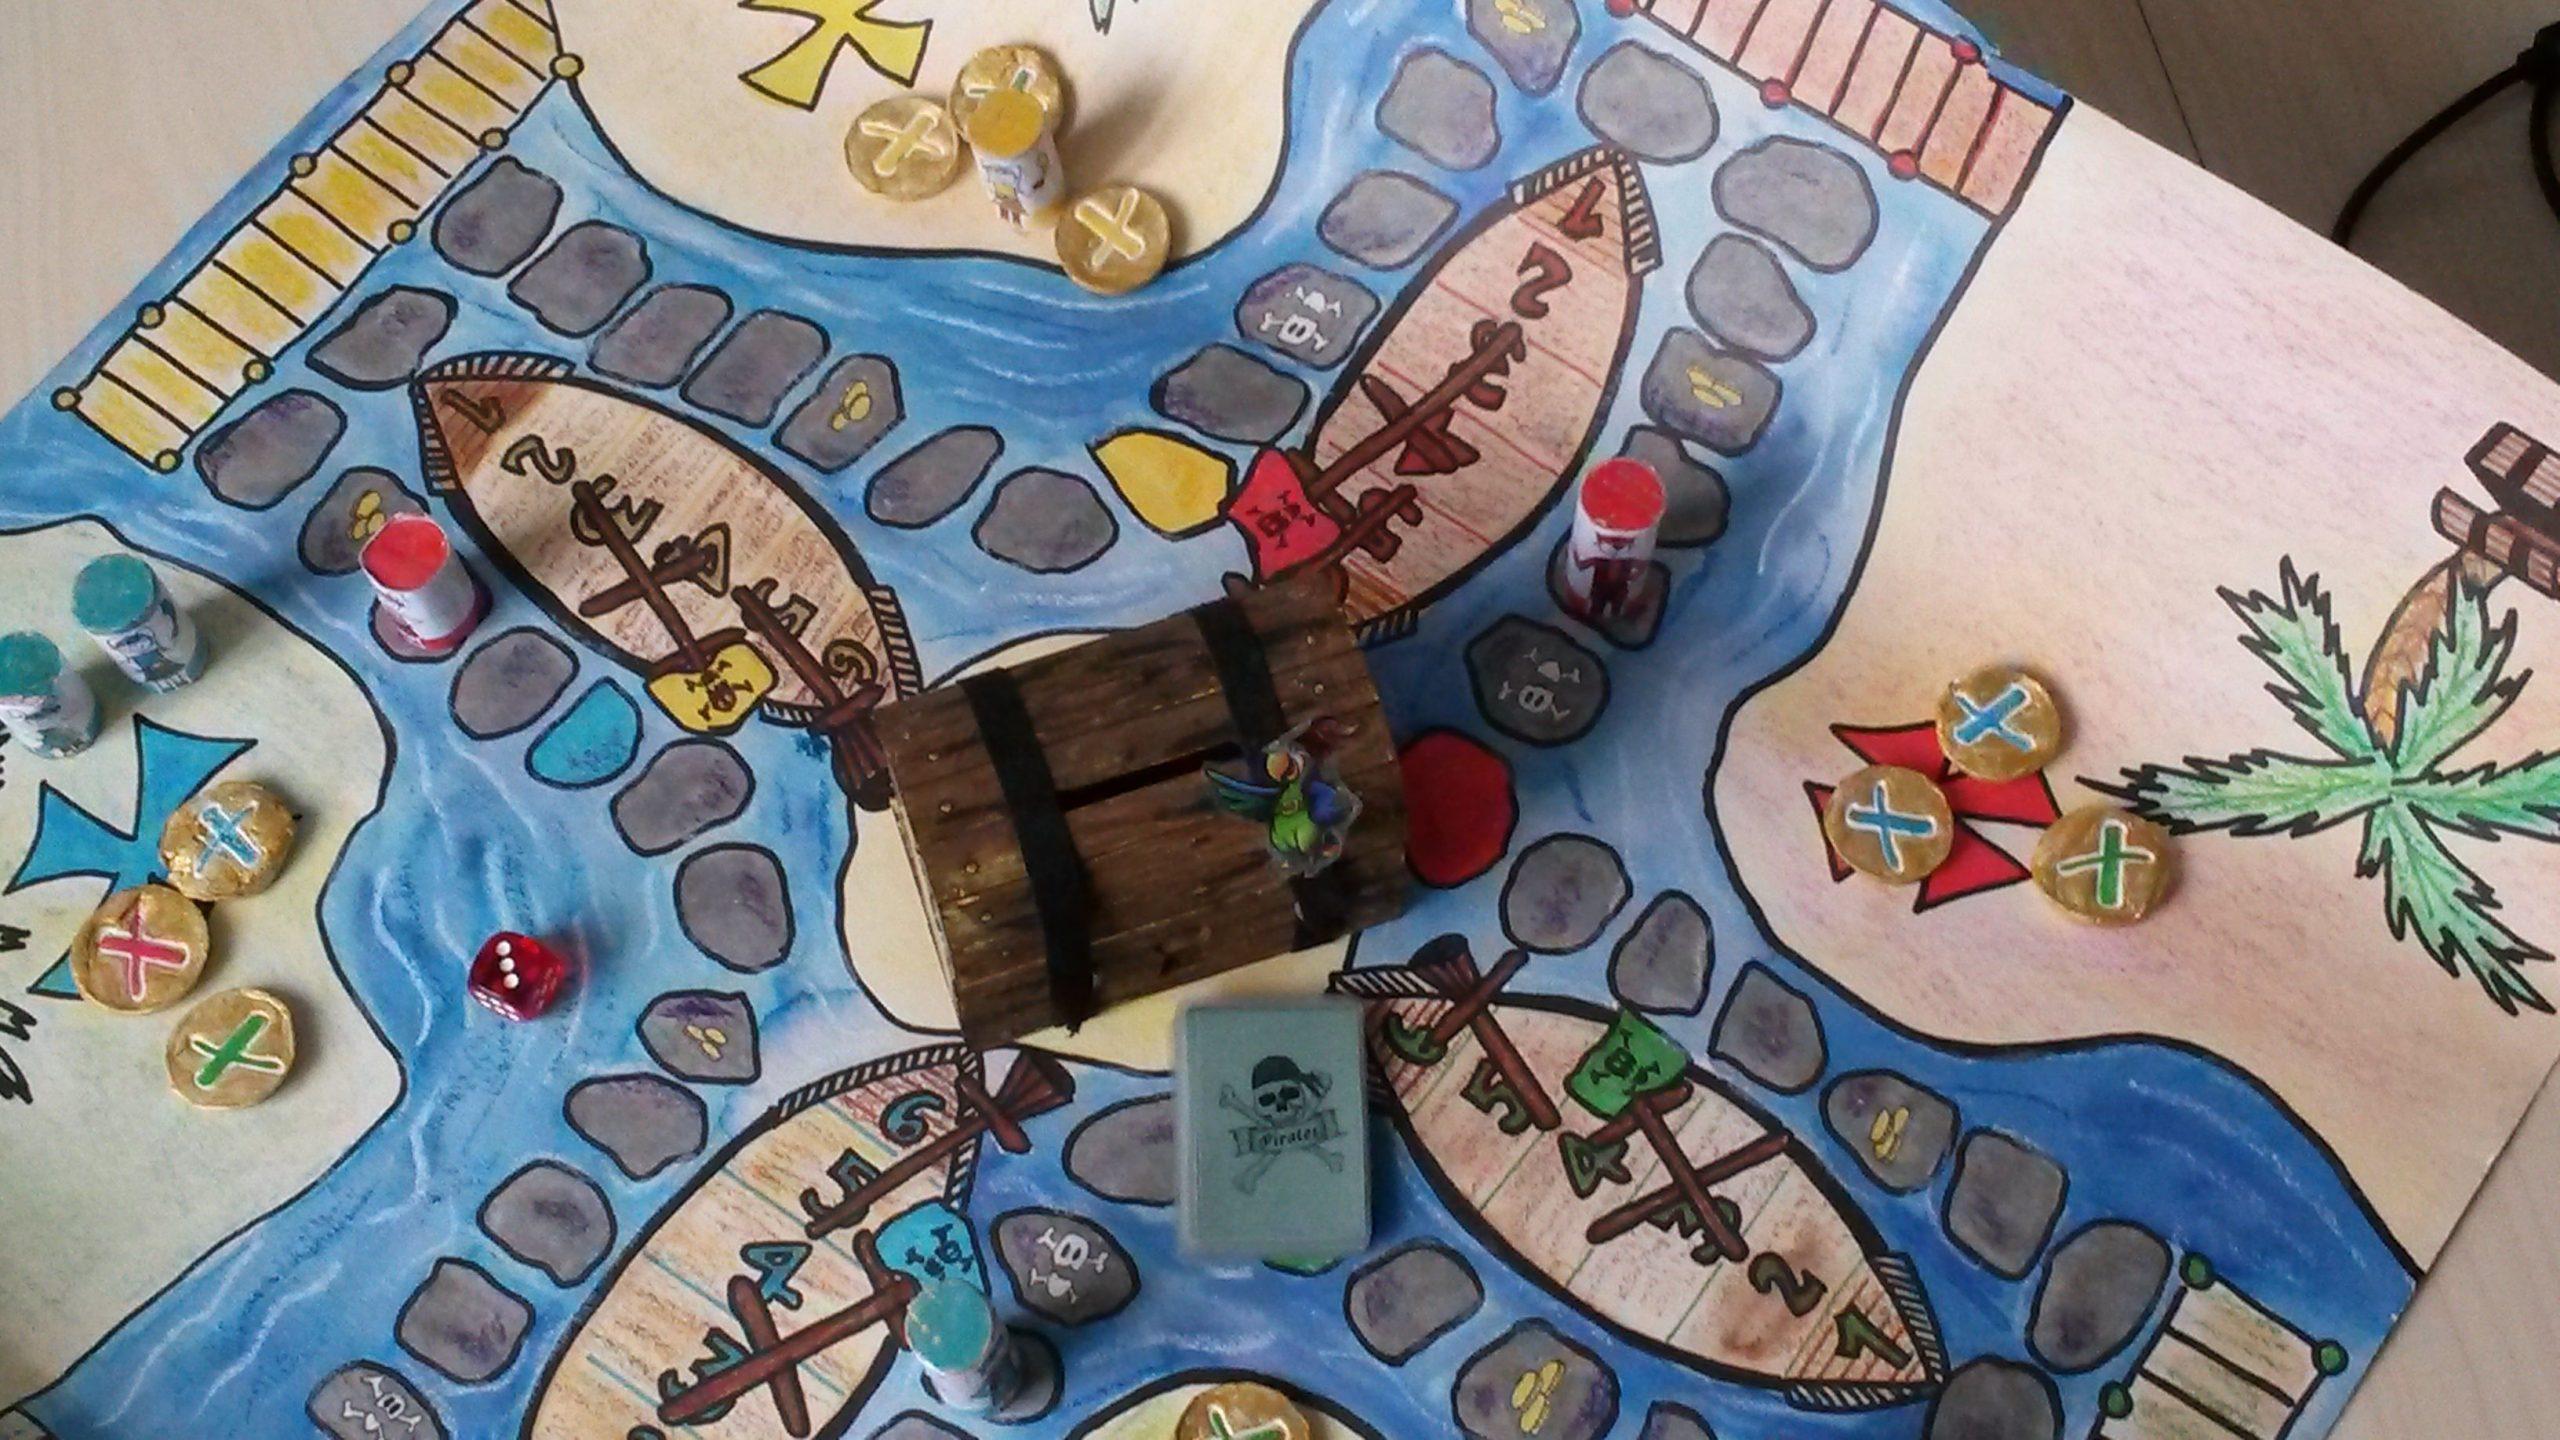 Jeu Complet Pirates À L'attaque À Commander Gratuitement concernant Jouer Aux Puzzles Gratuitement